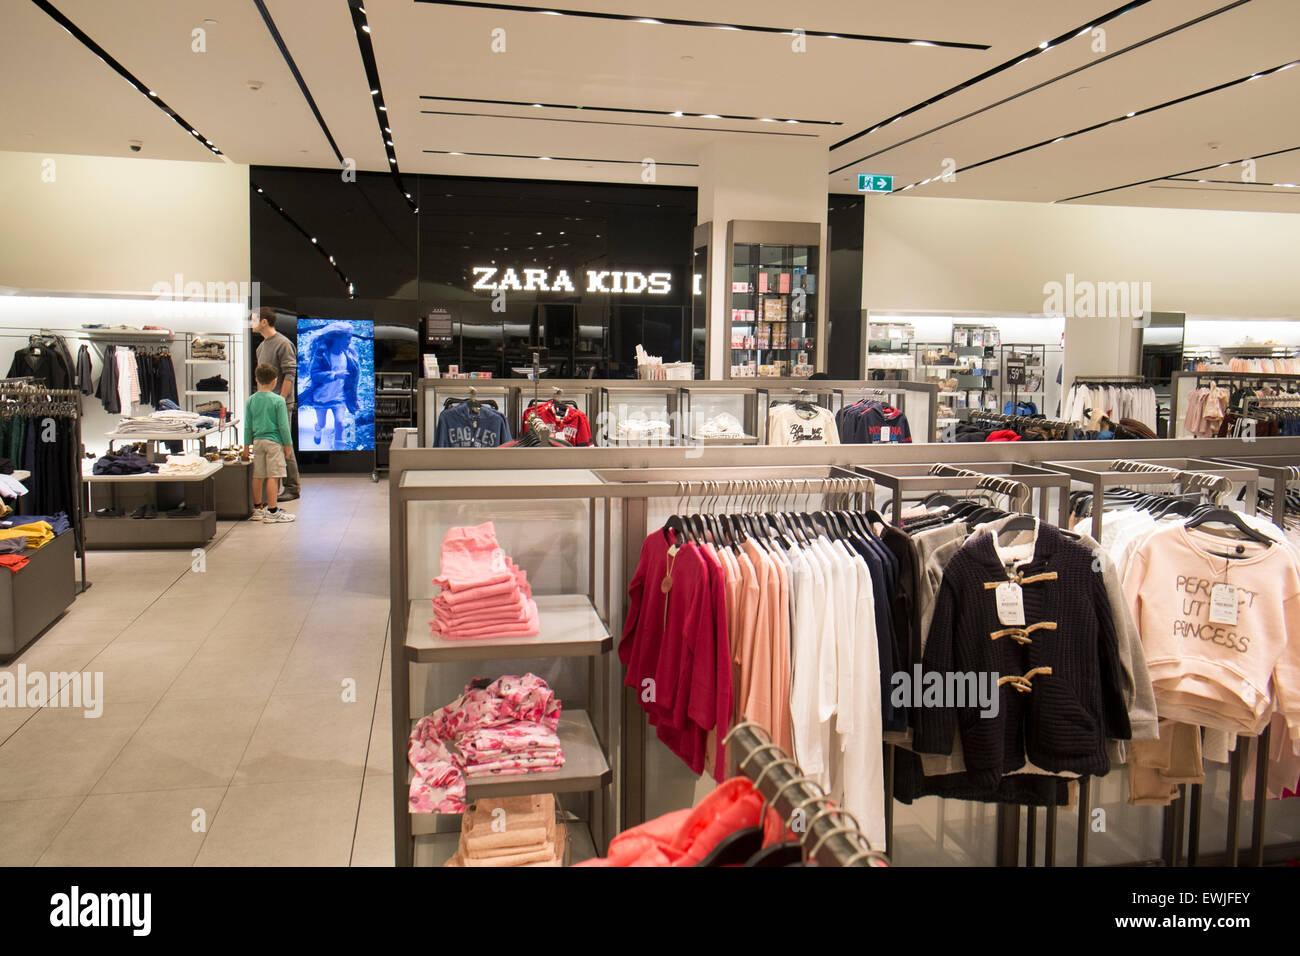 Australisch Familie Interieur : Interieur von zara kids laden geschäft im einkaufszentrum canberra